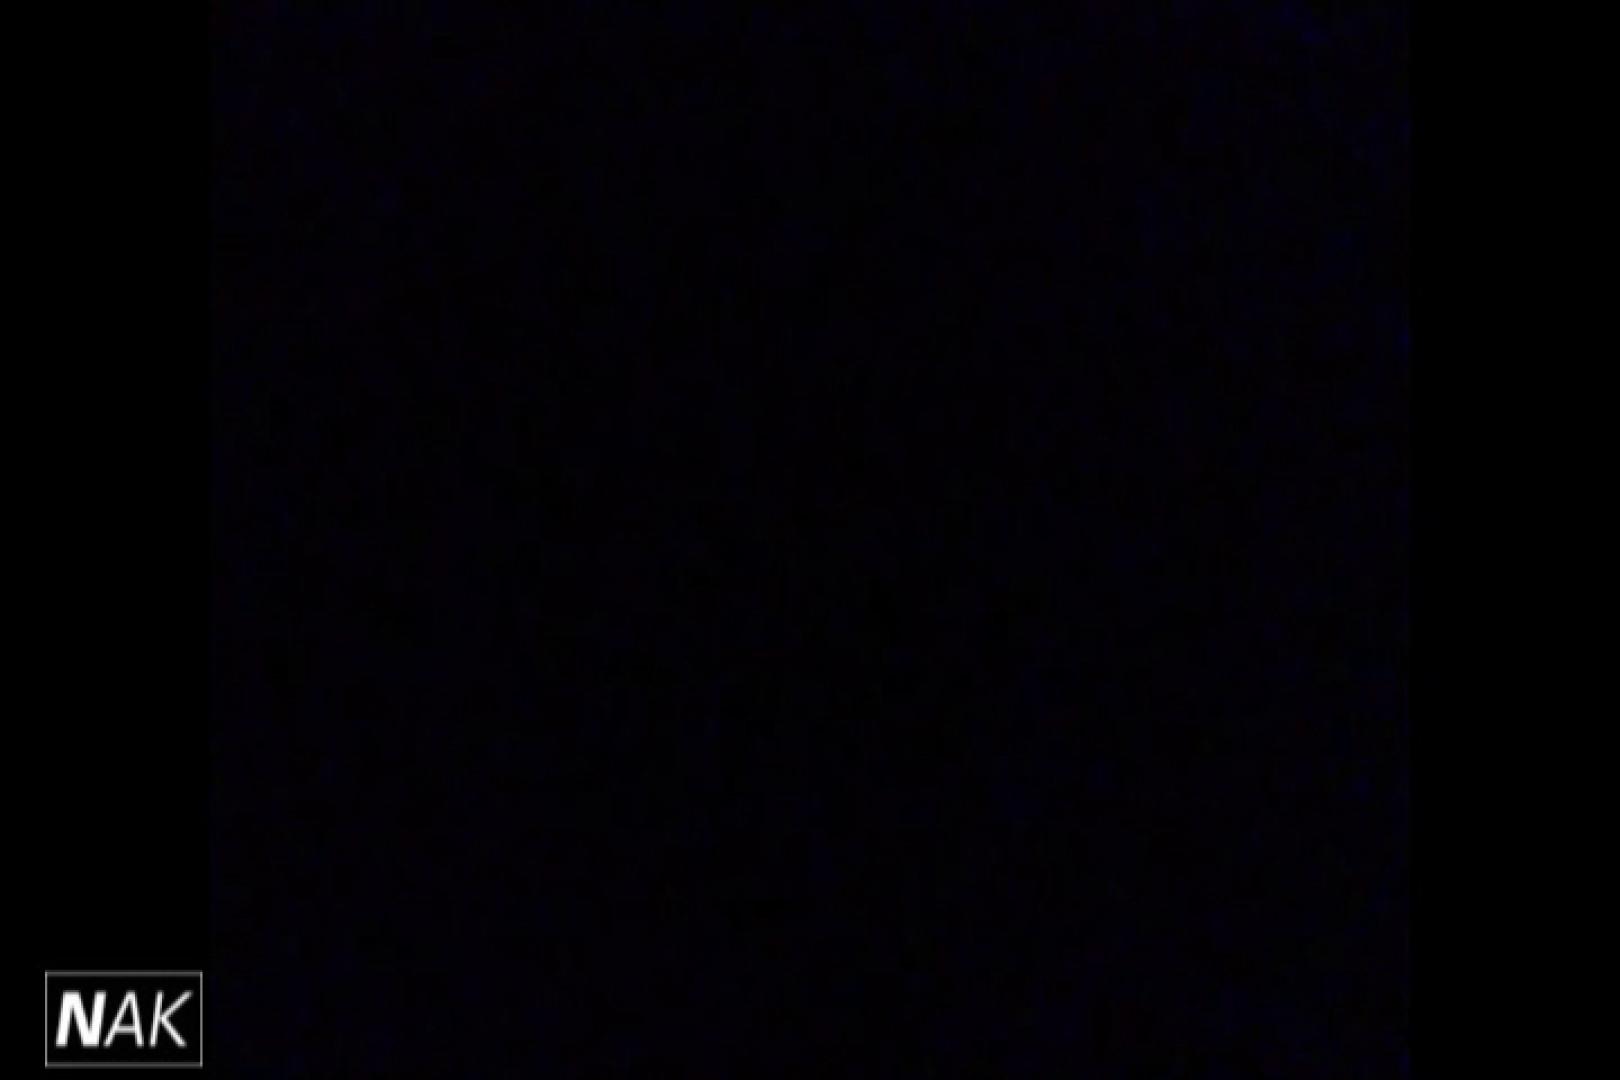 せん八さんの厠観察日記!2点監視カメラ 高画質5000K vol.16 黄金水 盗撮画像 113PIX 67